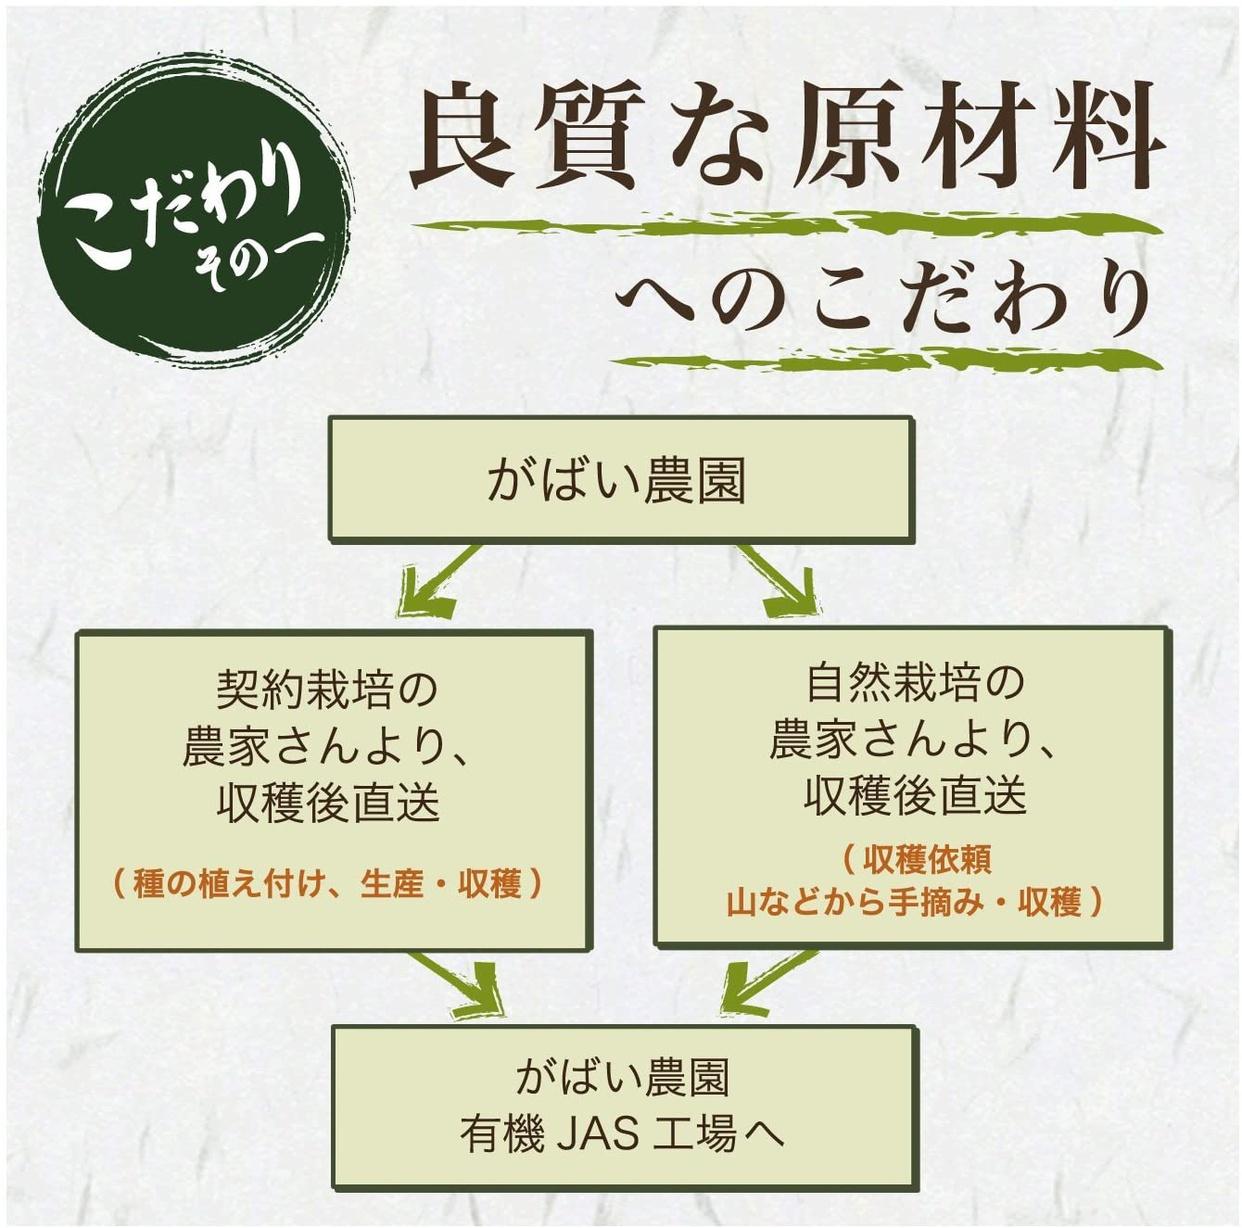 がばい農園 国産 赤なた豆茶の商品画像3